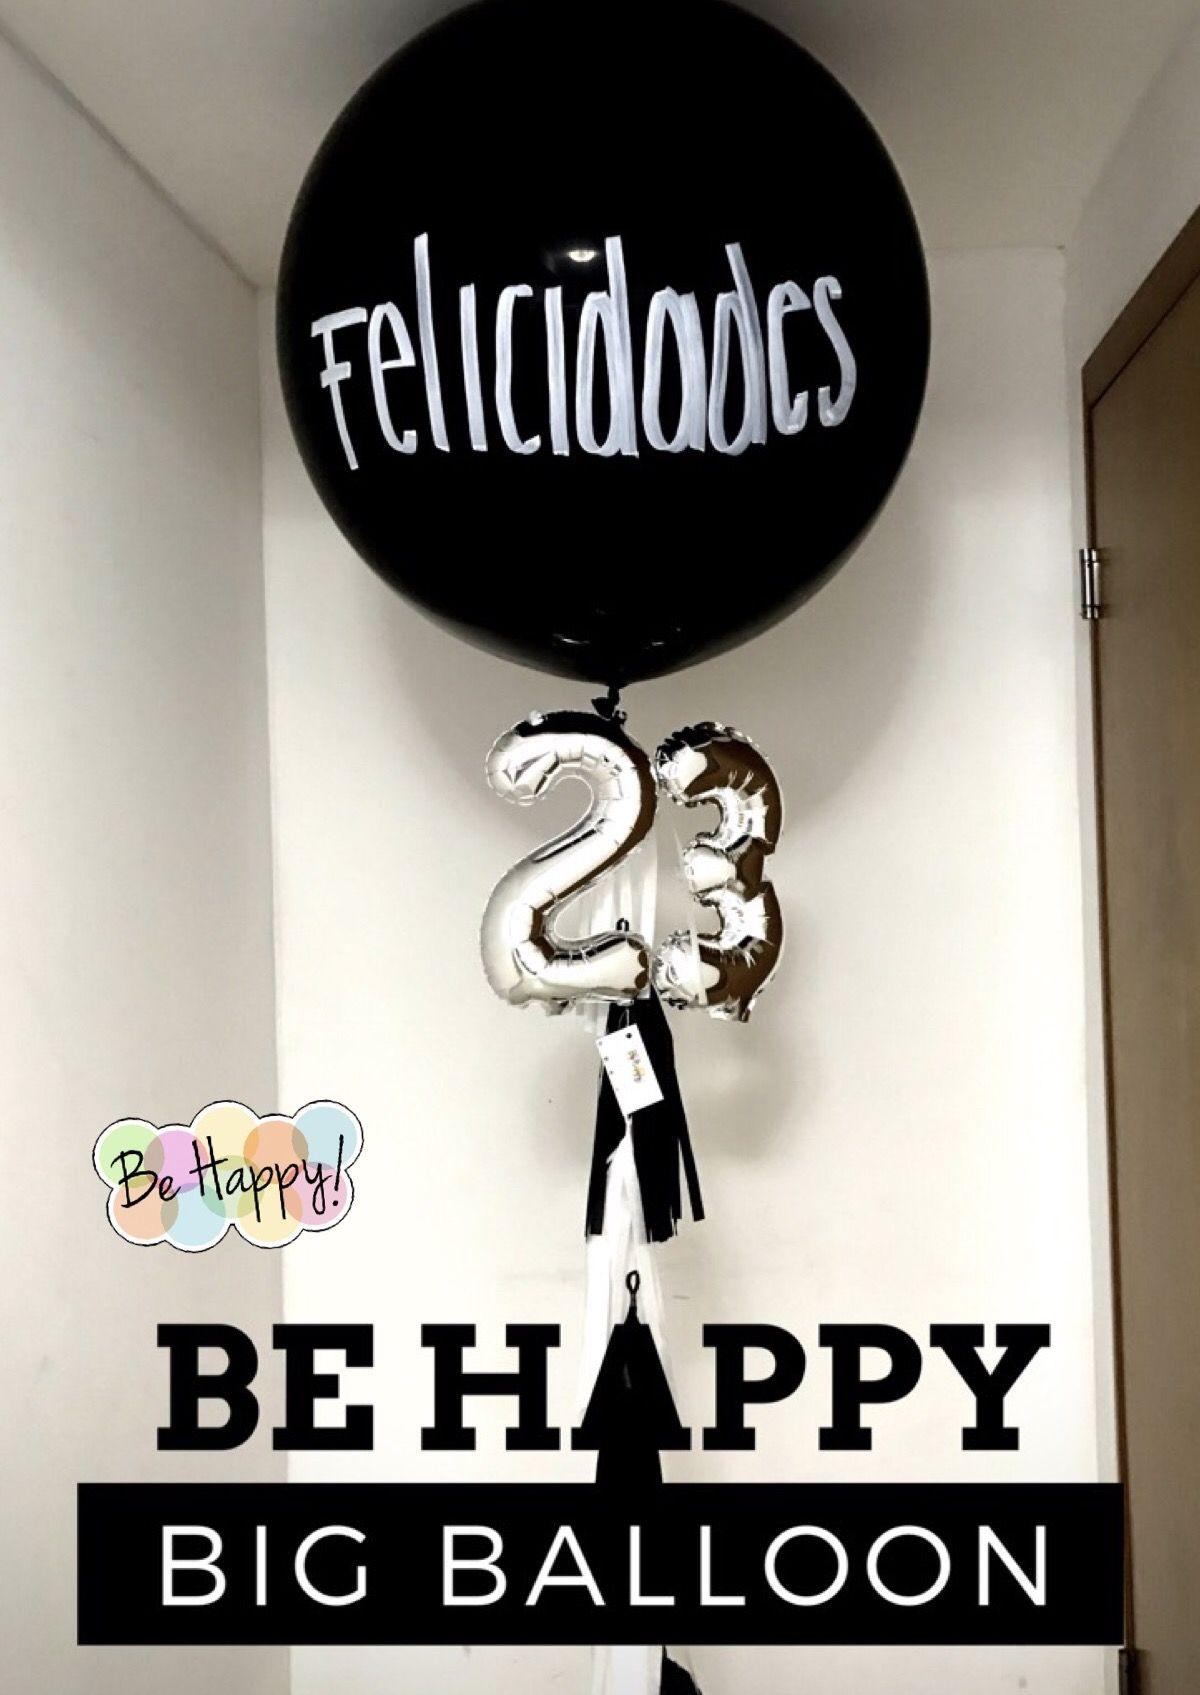 Big Balloons Globos Pinterest Cumpleanos Globos Y Fiesta - Globos-personalizados-cumpleaos